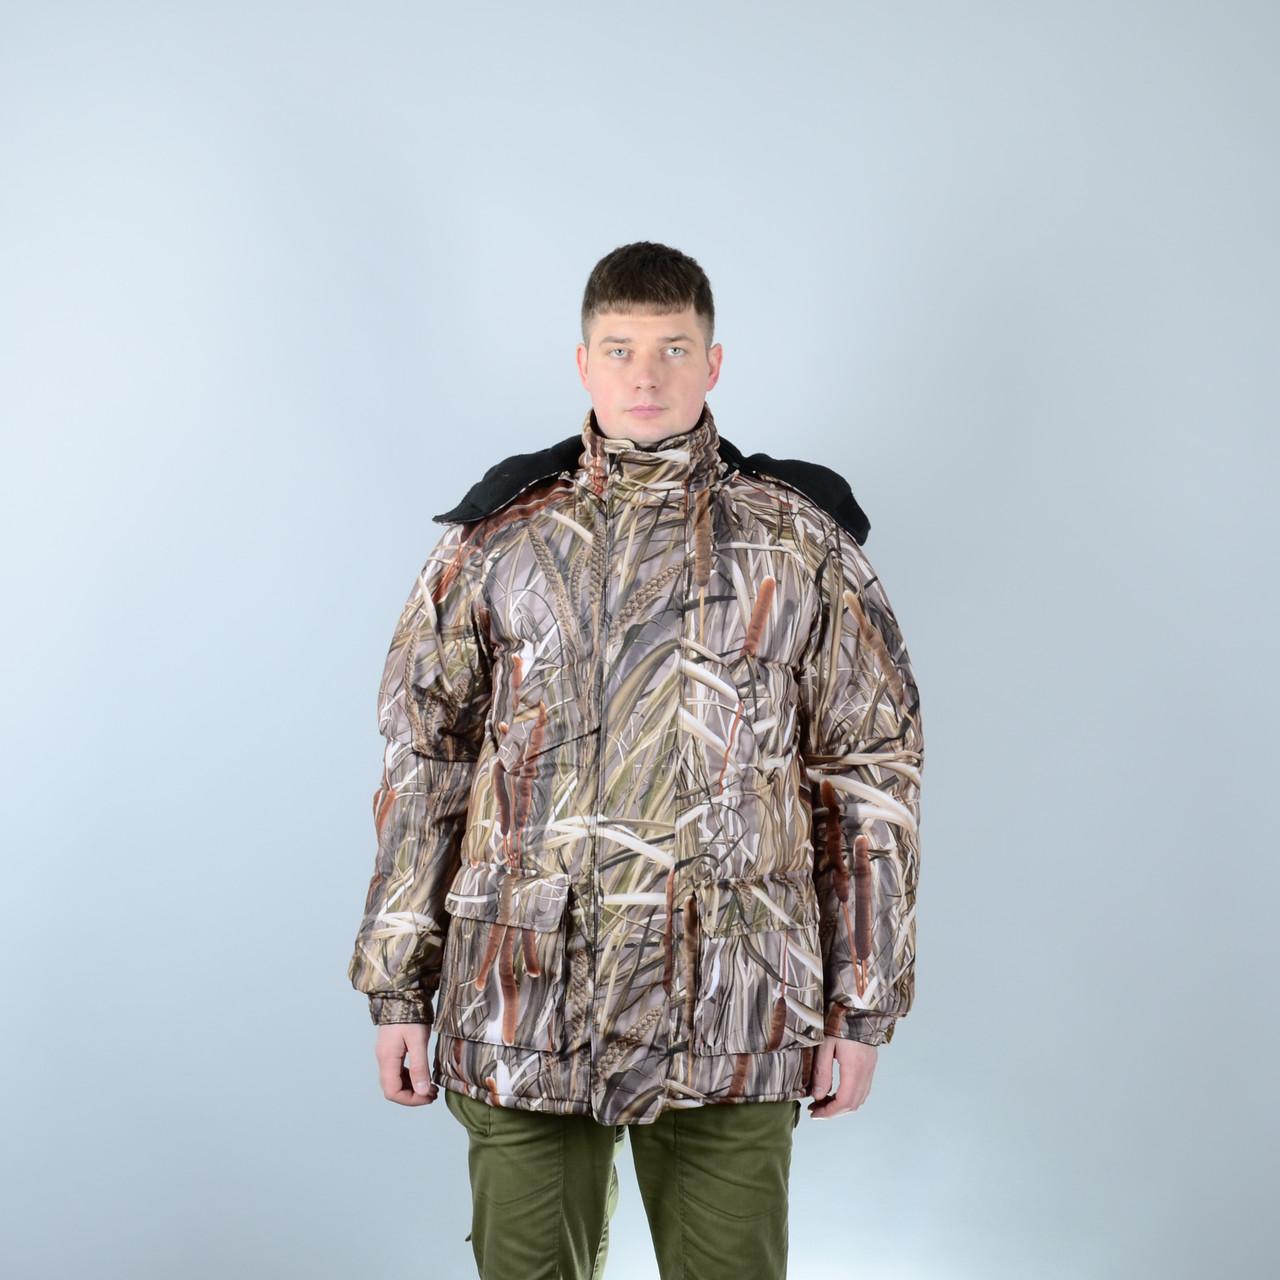 Купить зимнюю куртку из мембранной ткани перья фурнитура